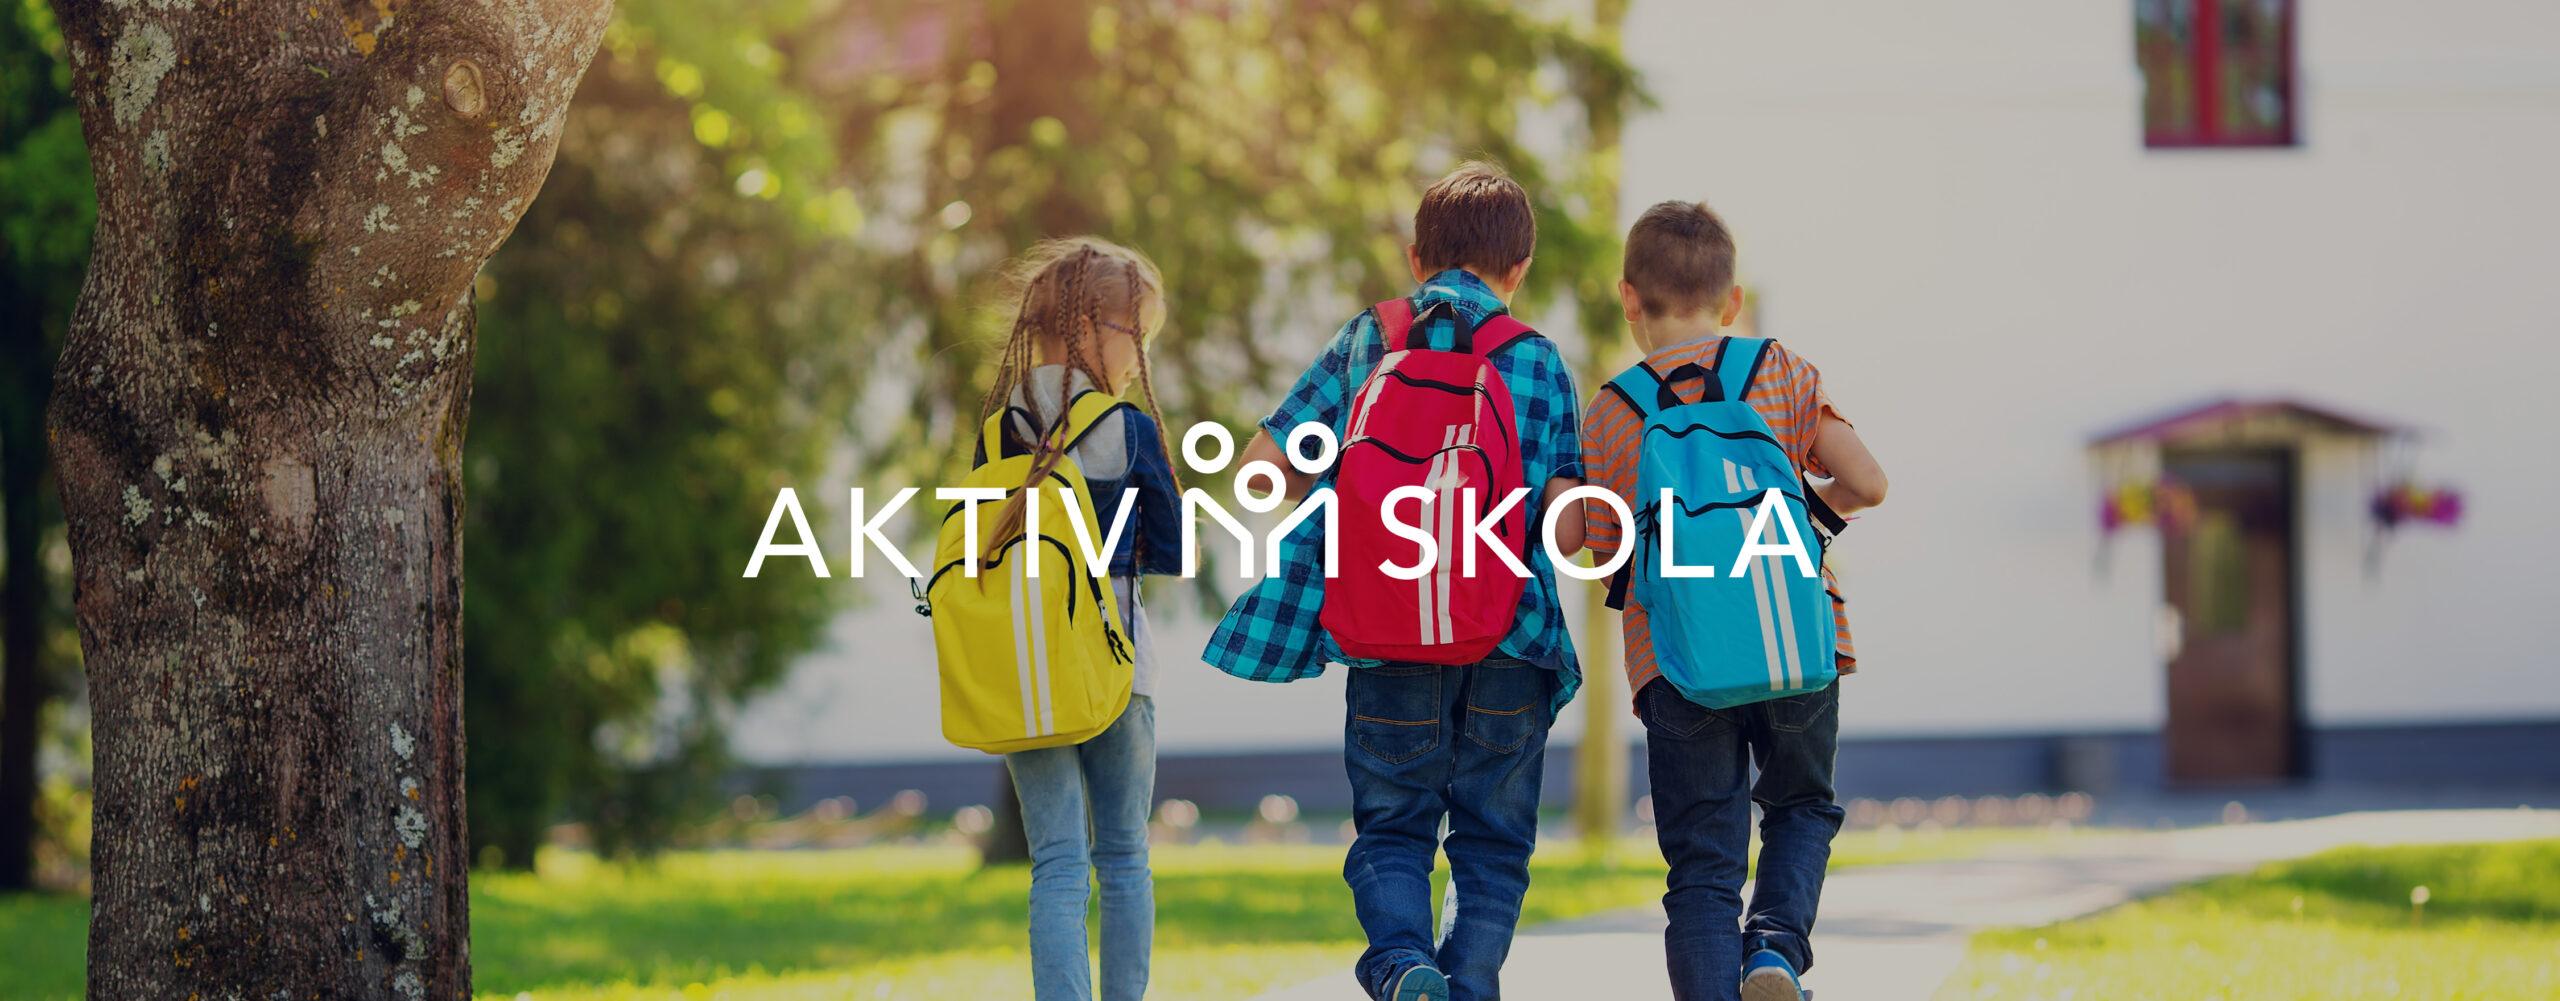 Barn går till skolan med ryggsäckar.